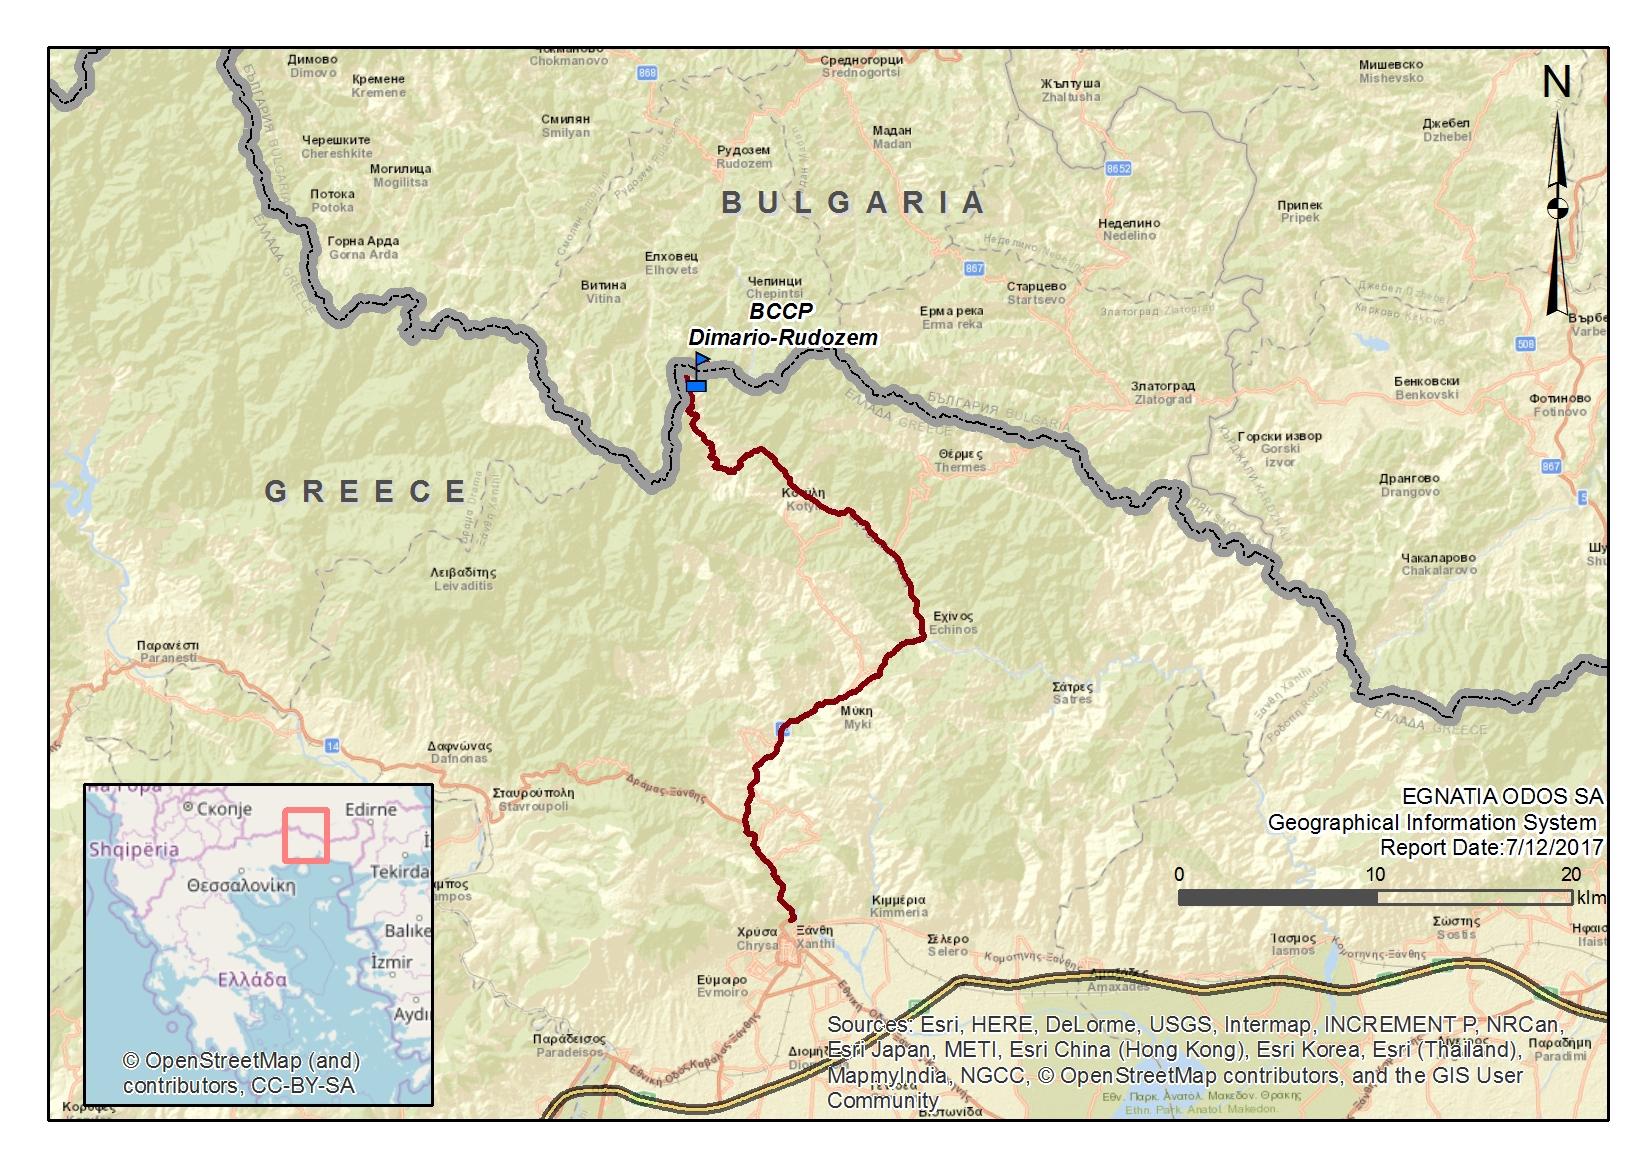 VA Xanthi-Echinos-Greek-Bulgarian Borders